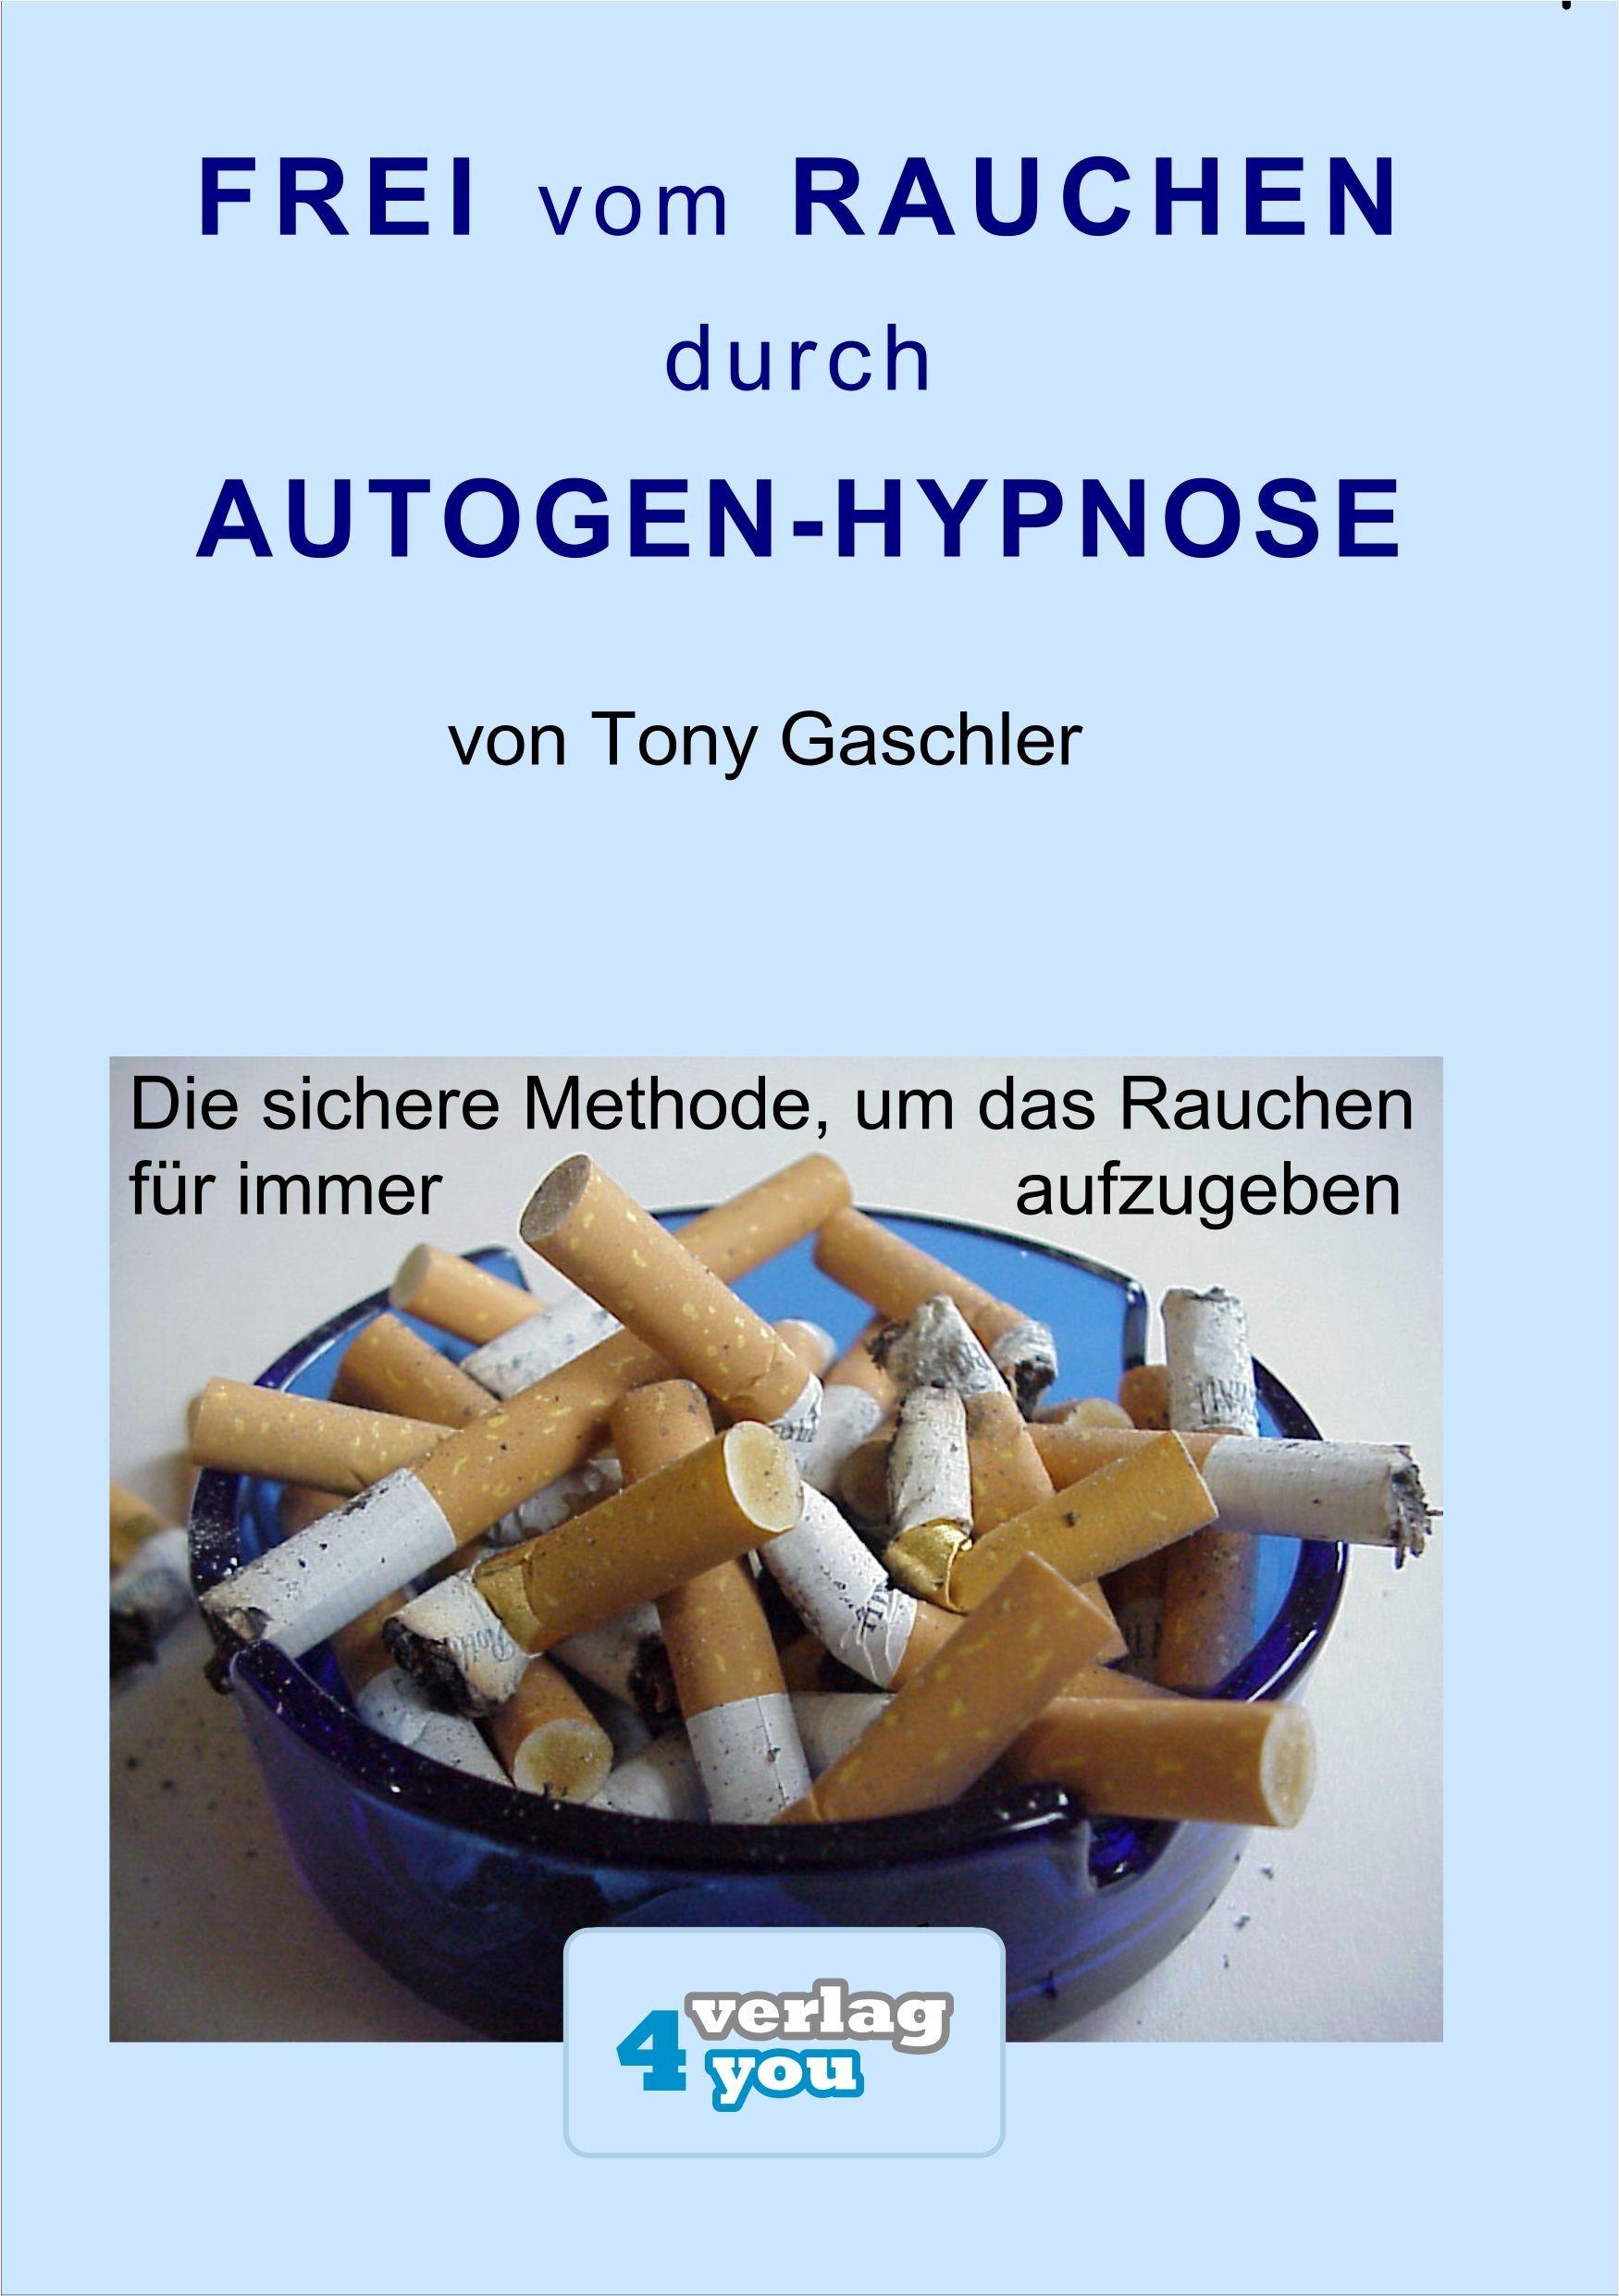 Wie nach wie Rauchen aufgeben wird, nicht zu genesen